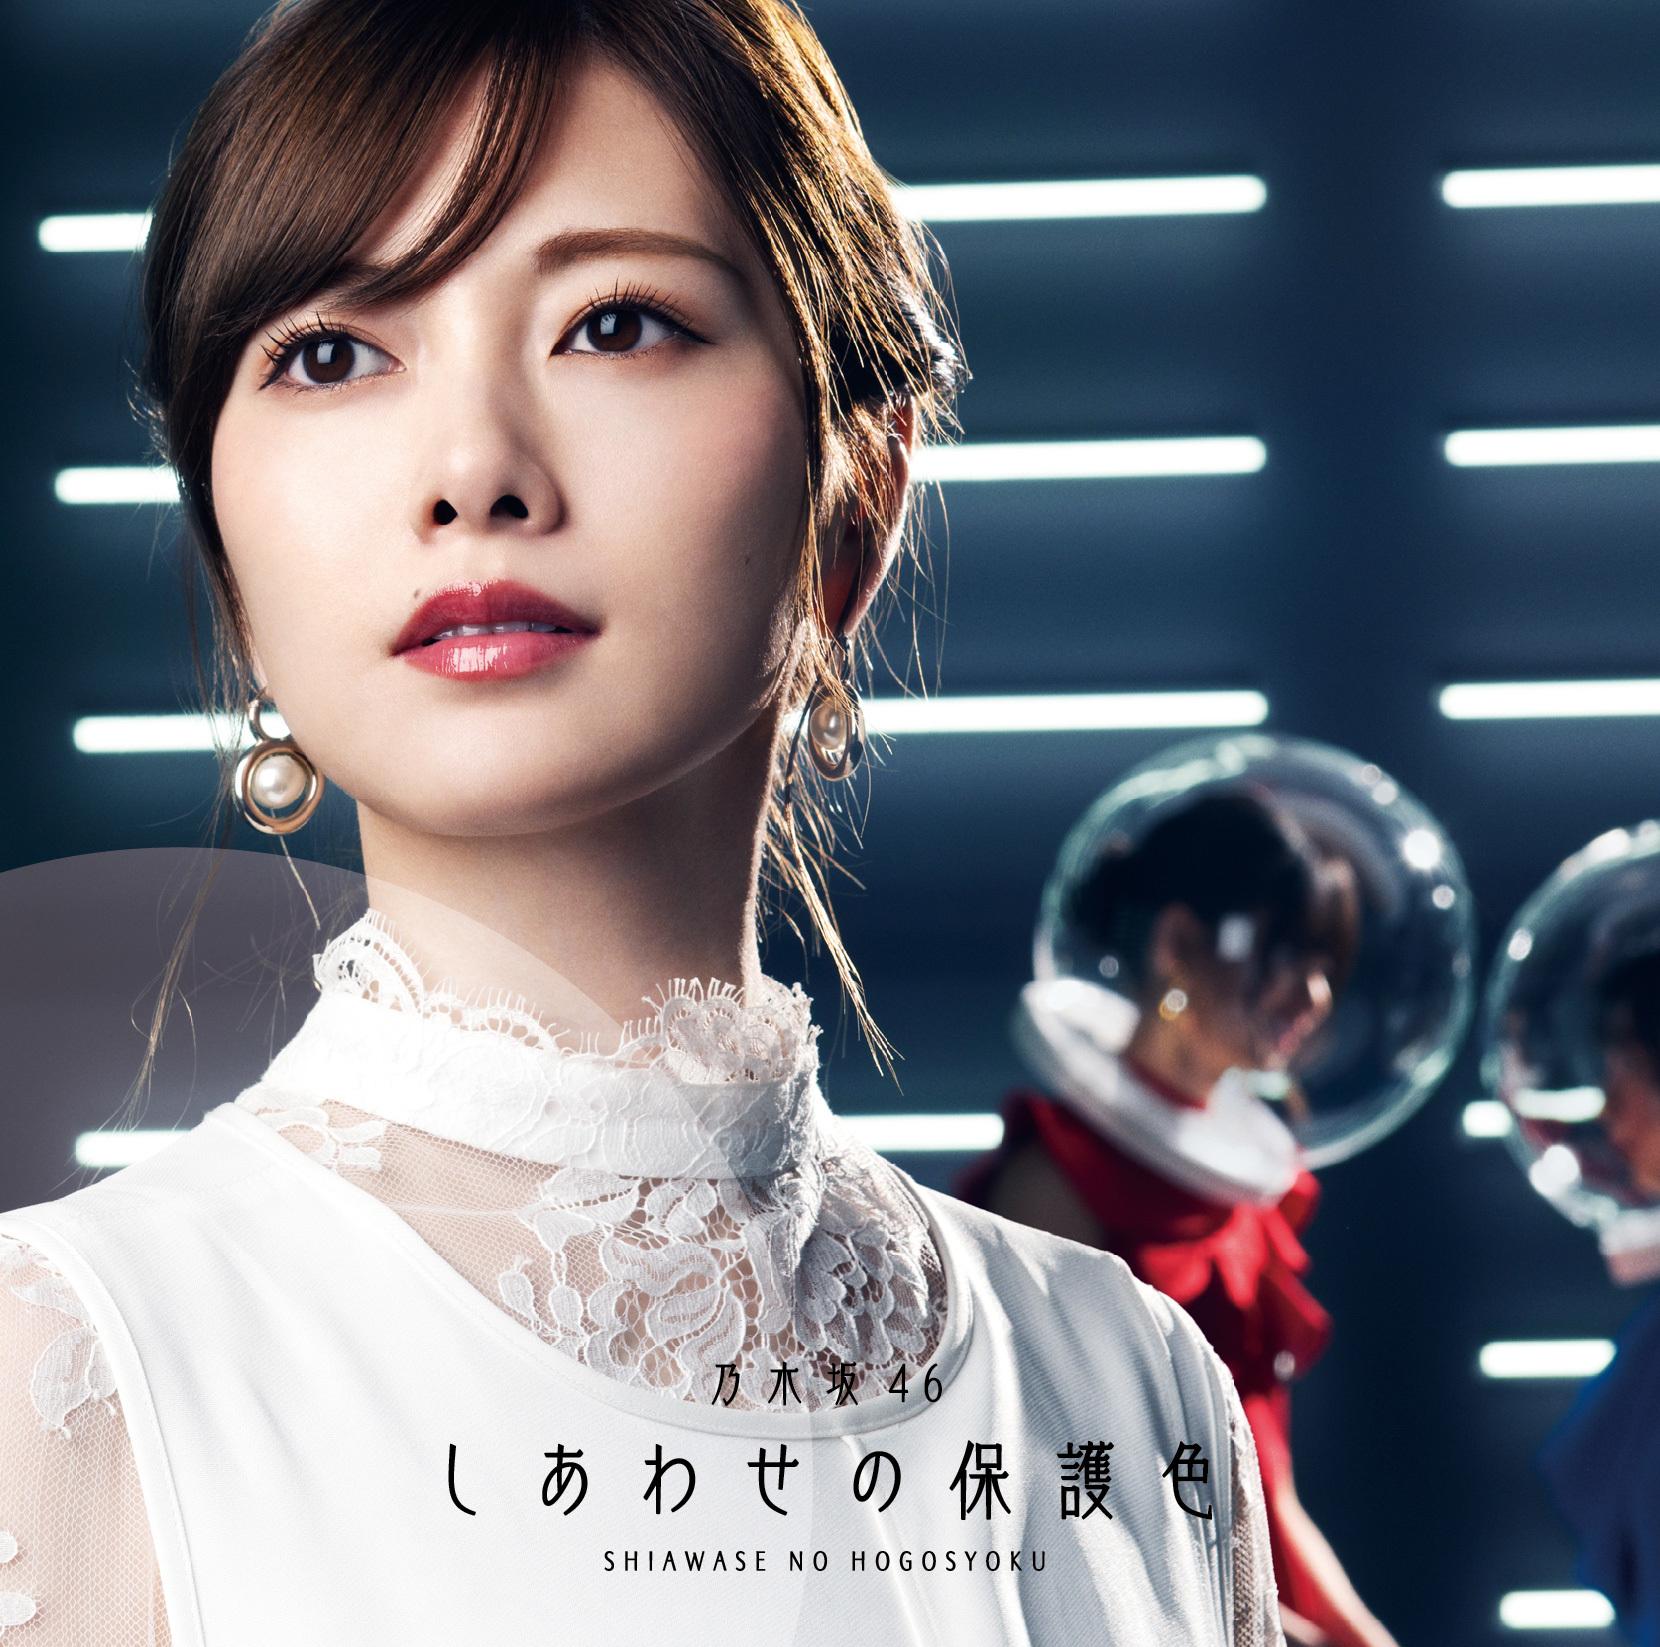 乃木坂46 25thシングル「しあわせの保護色」ジャケ写 Type-A